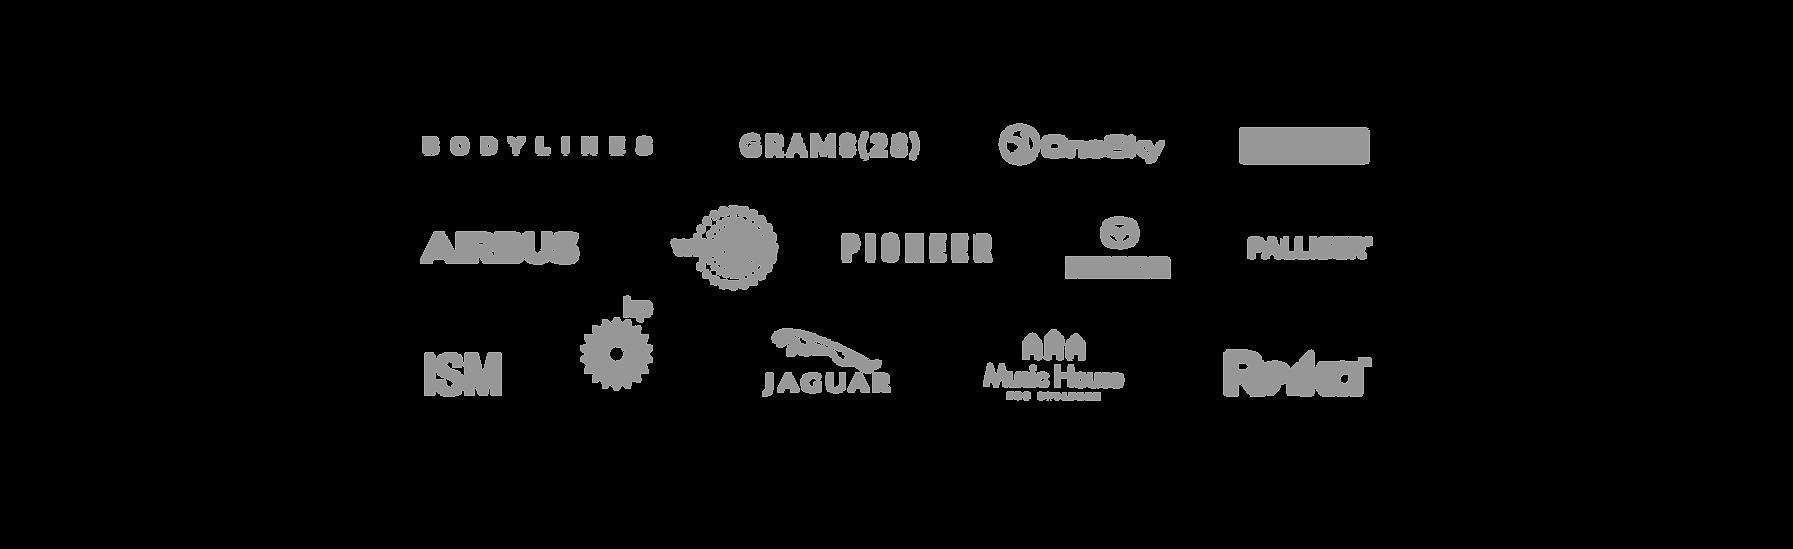 Client List-08.png